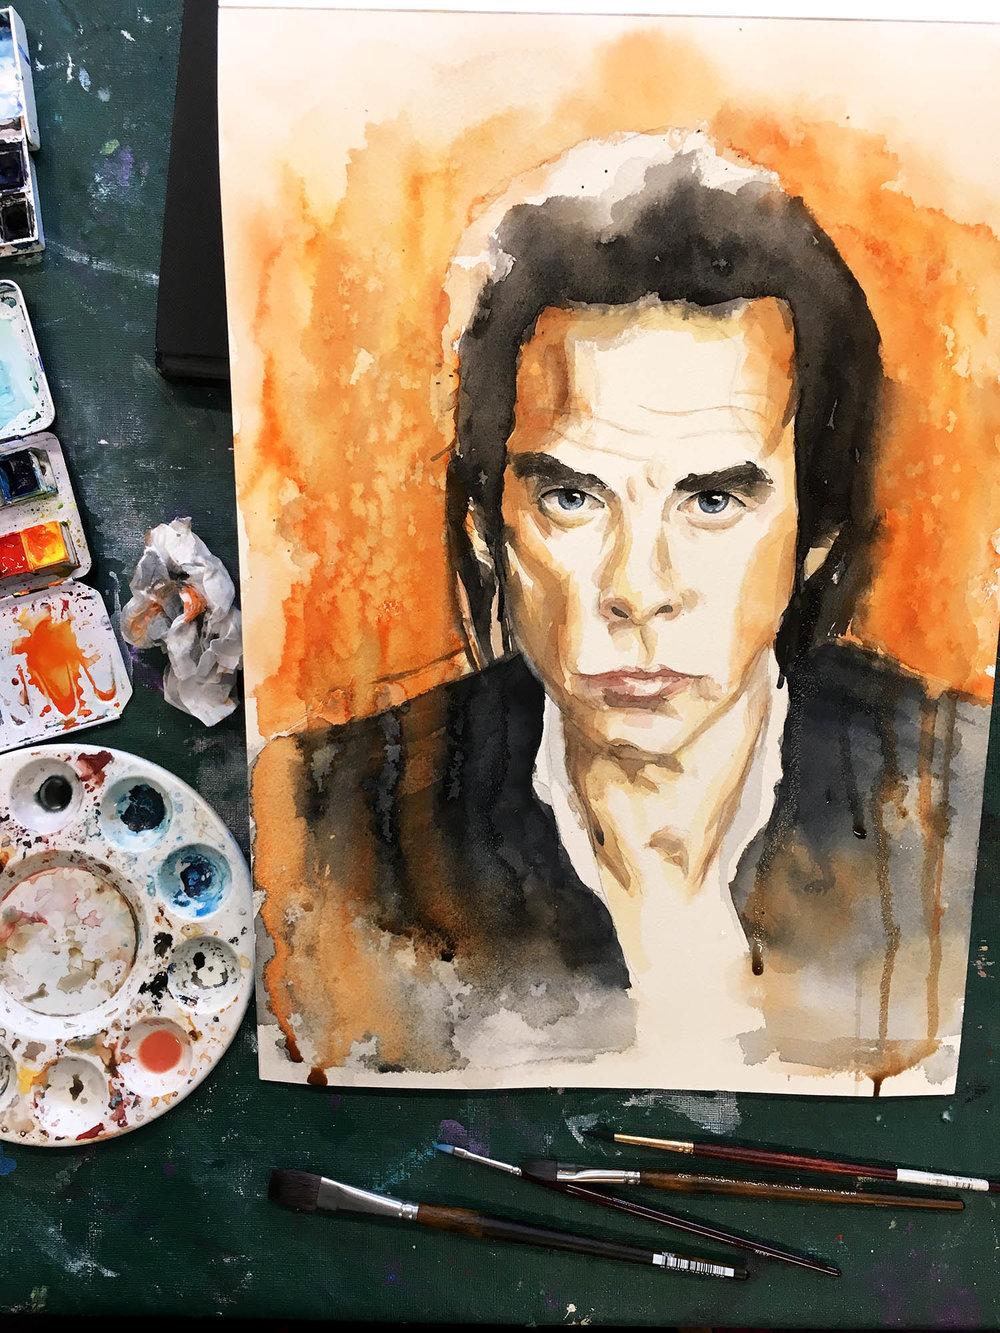 Nick Cave sketch2.jpg